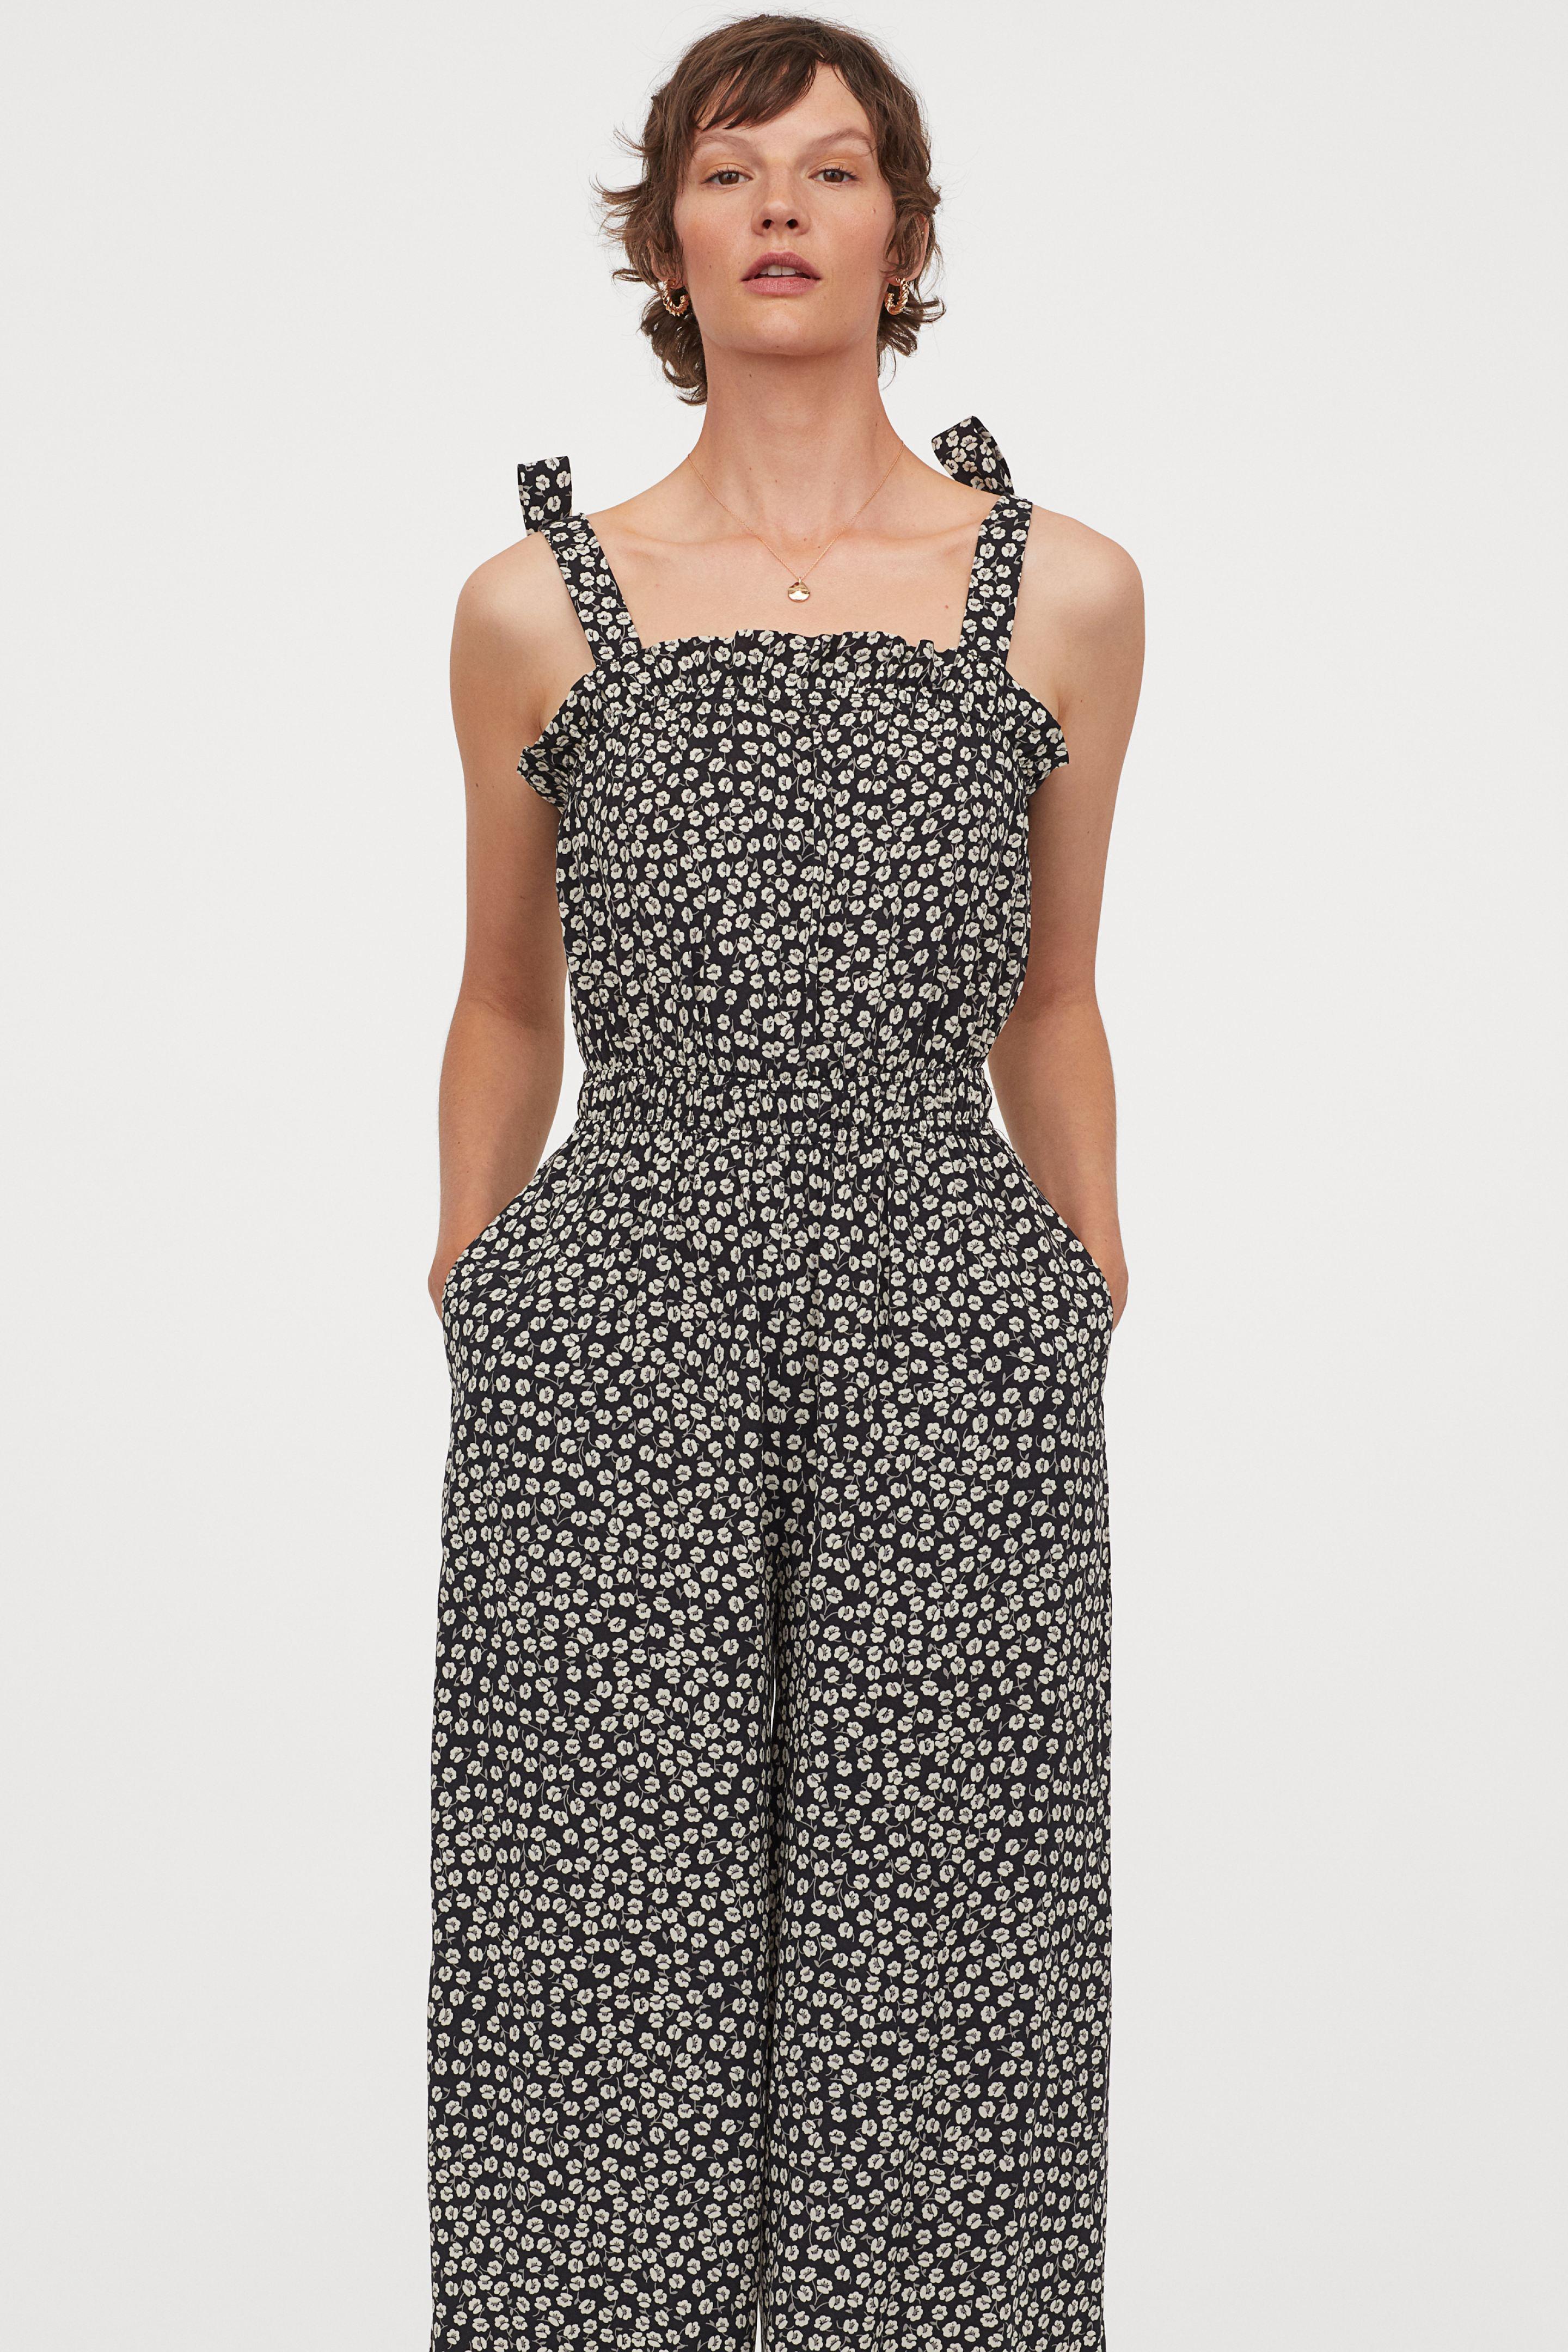 H&M Frill-trimmed jumpsuit £19.99